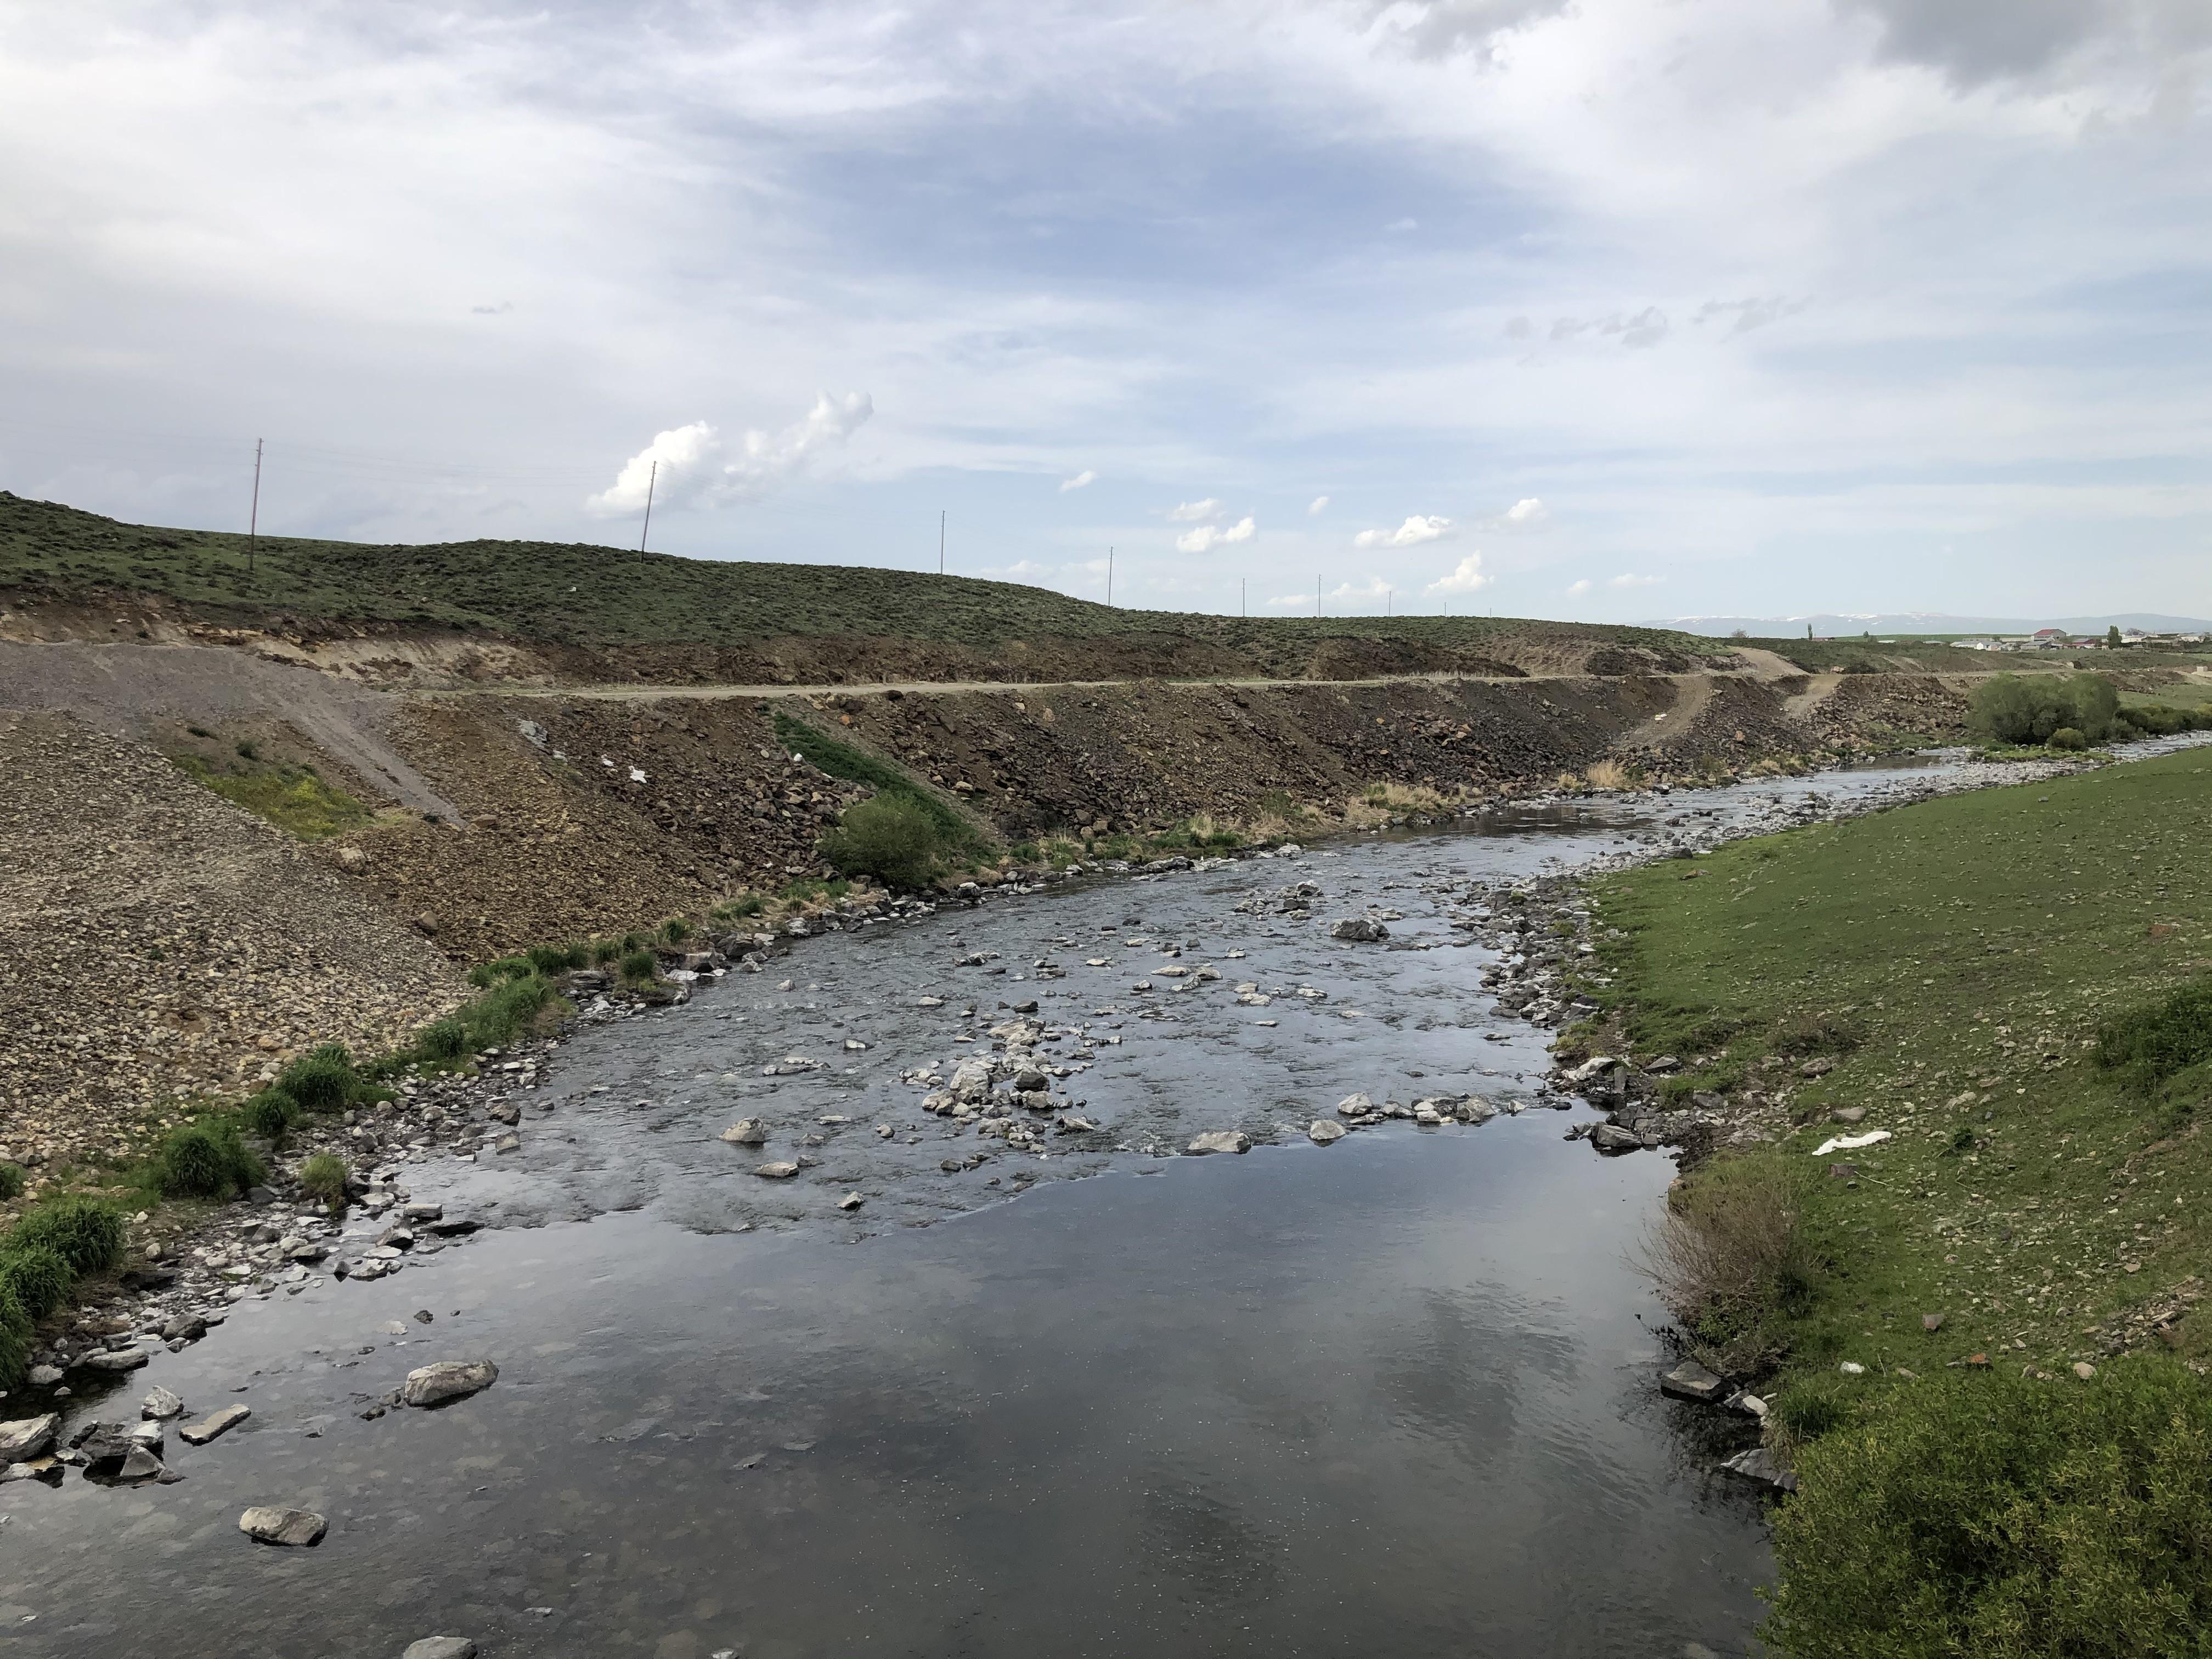 kars-baraji'ndan-baliklara-'can-suyu'-verildi-(3).jpg